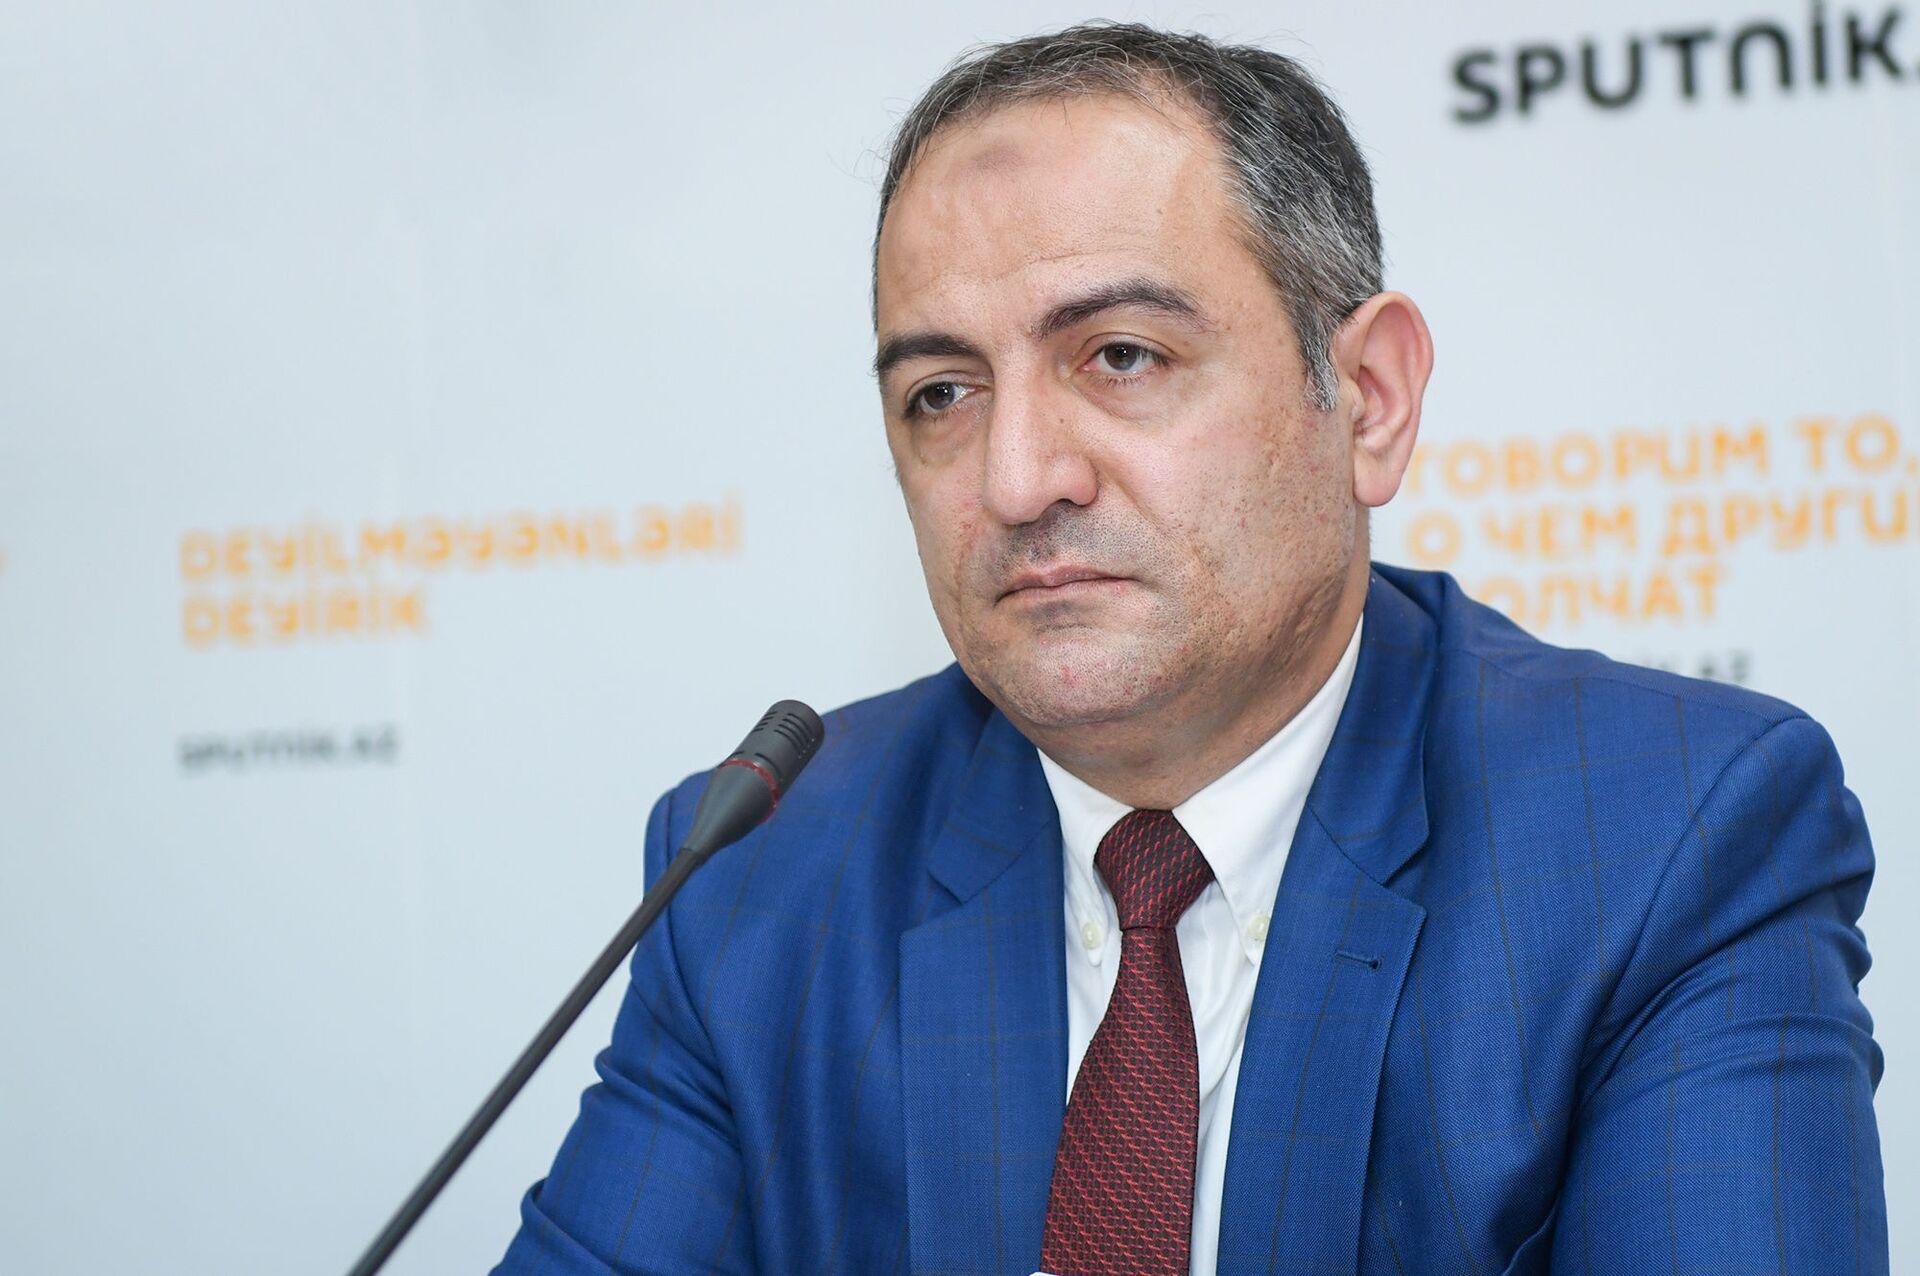 Председатель Центра изучения экономических ресурсов Руслан Атакишиев - Sputnik Азербайджан, 1920, 01.10.2021